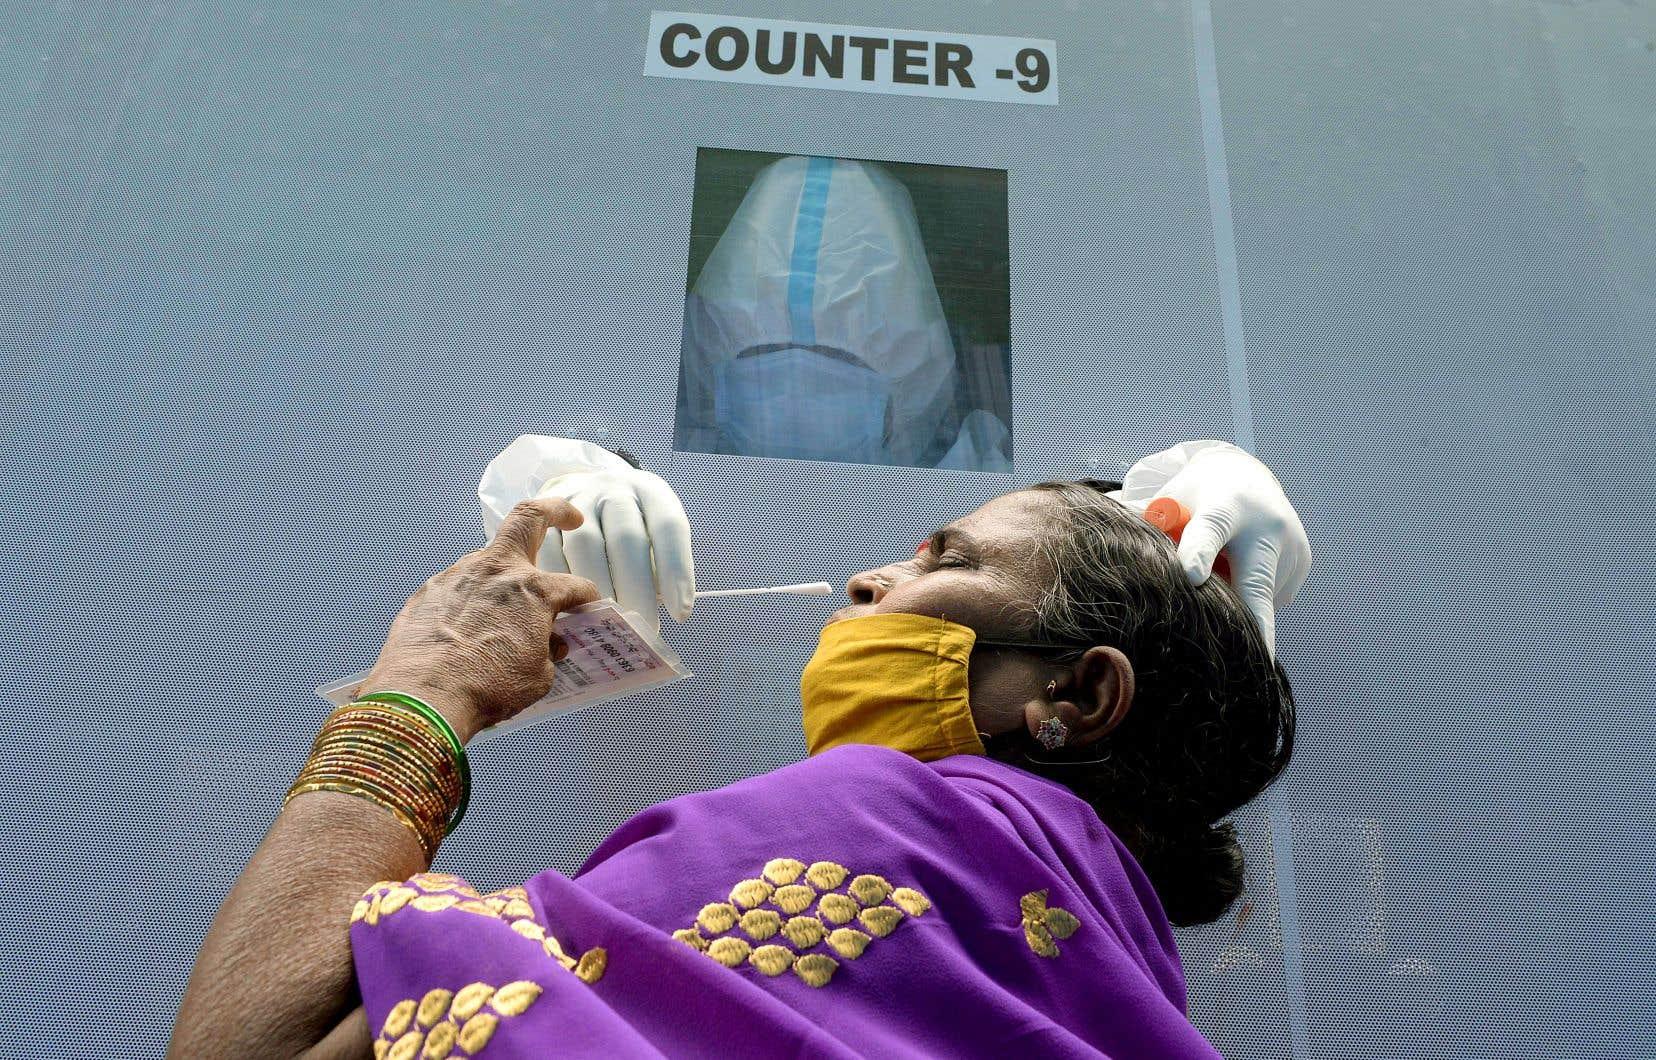 Un travailleur de la santé portant un équipement de protection personnelle effectue des tests dans une unité mobile de détection du coronavirus à Hyderabad, en Inde.